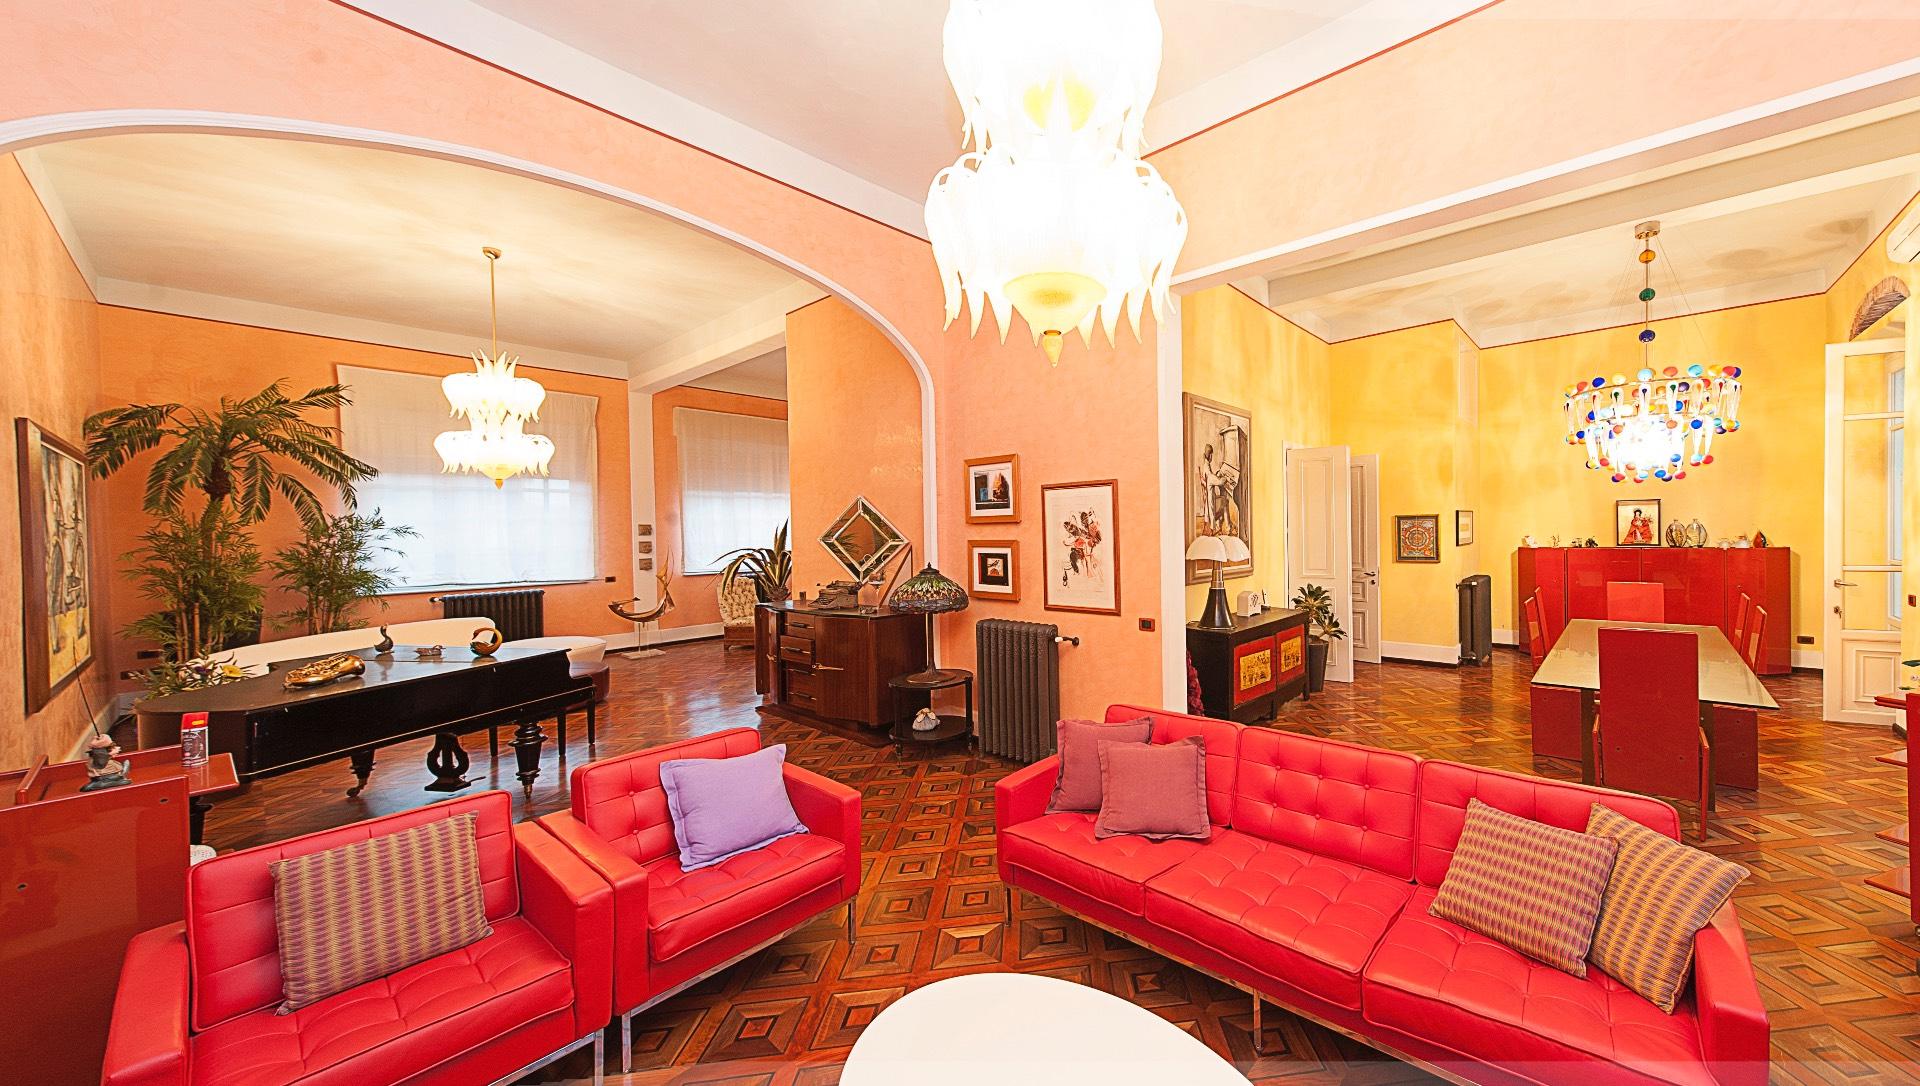 Villa in vendita a Viareggio, 15 locali, zona Località: Mare, prezzo € 2.400.000 | CambioCasa.it